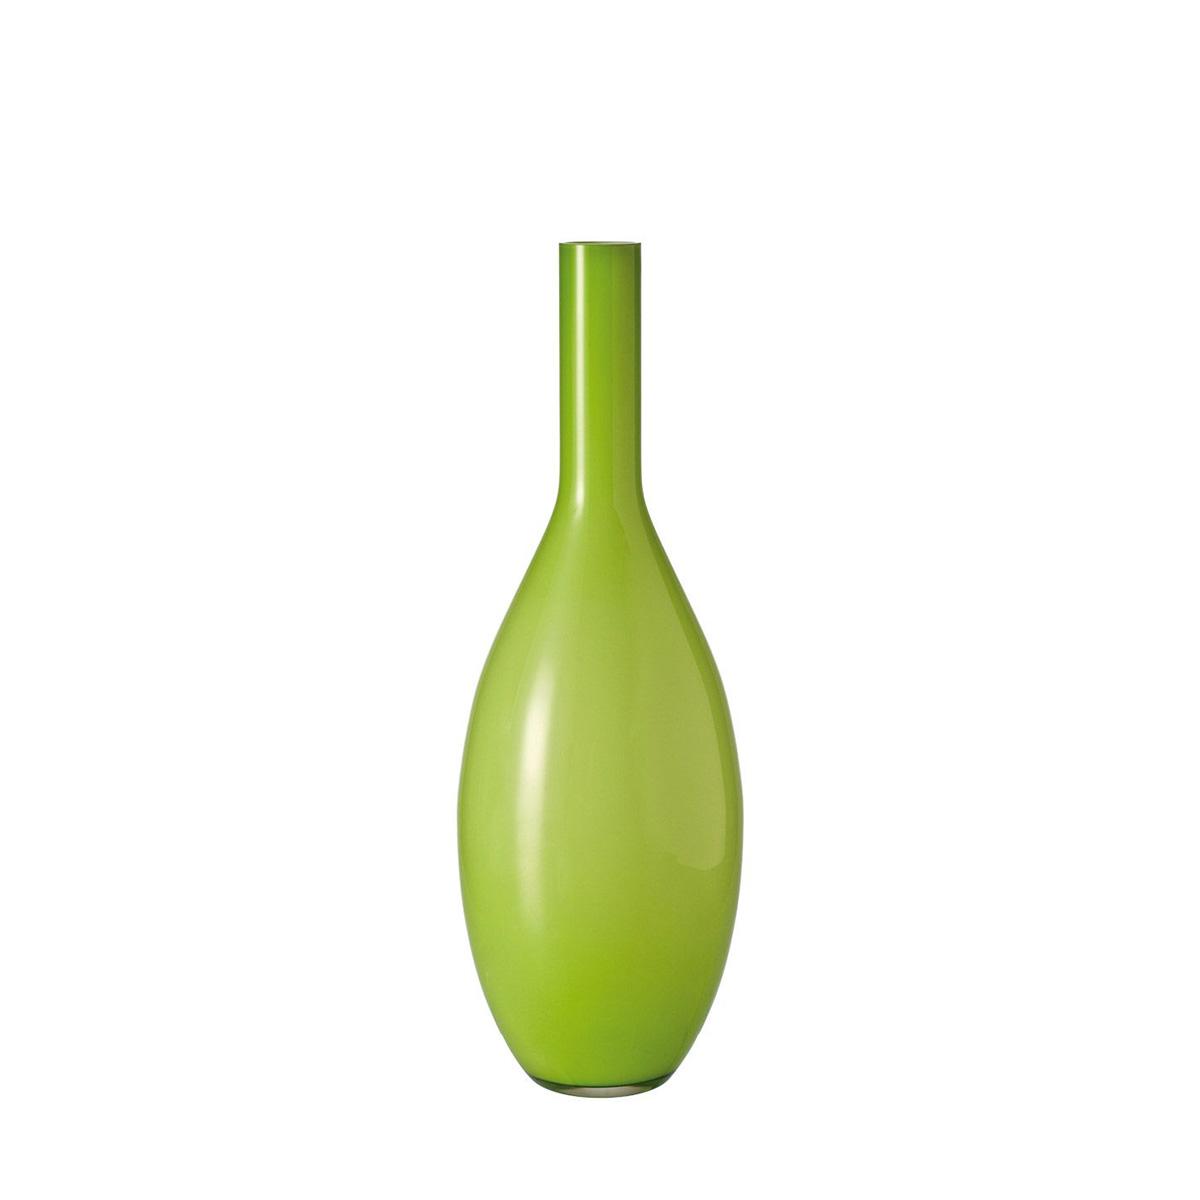 Vaza Beauty 50 zelena - 58723